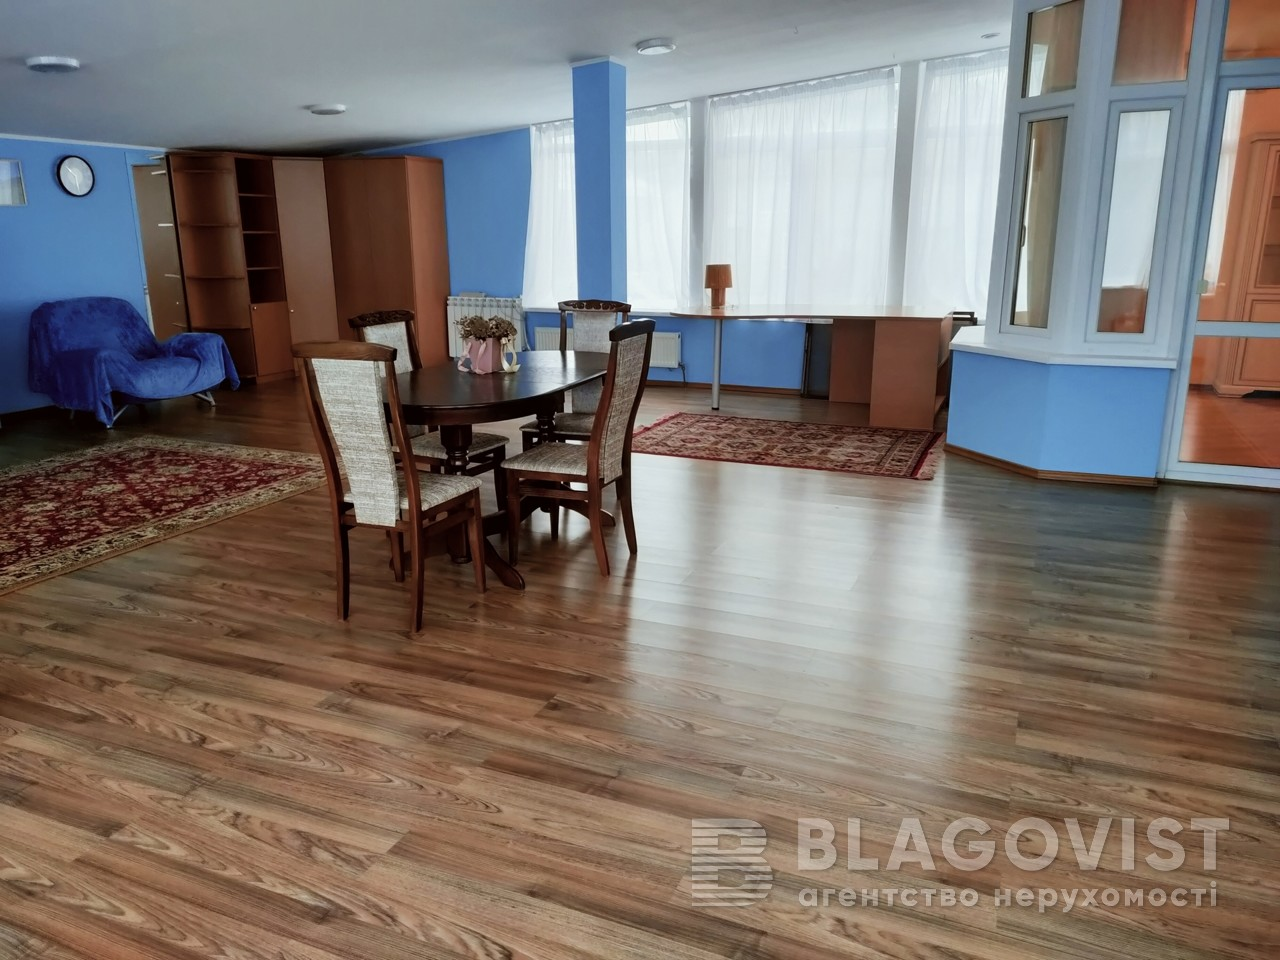 Квартира E-41045, Кловский спуск, 5, Киев - Фото 6